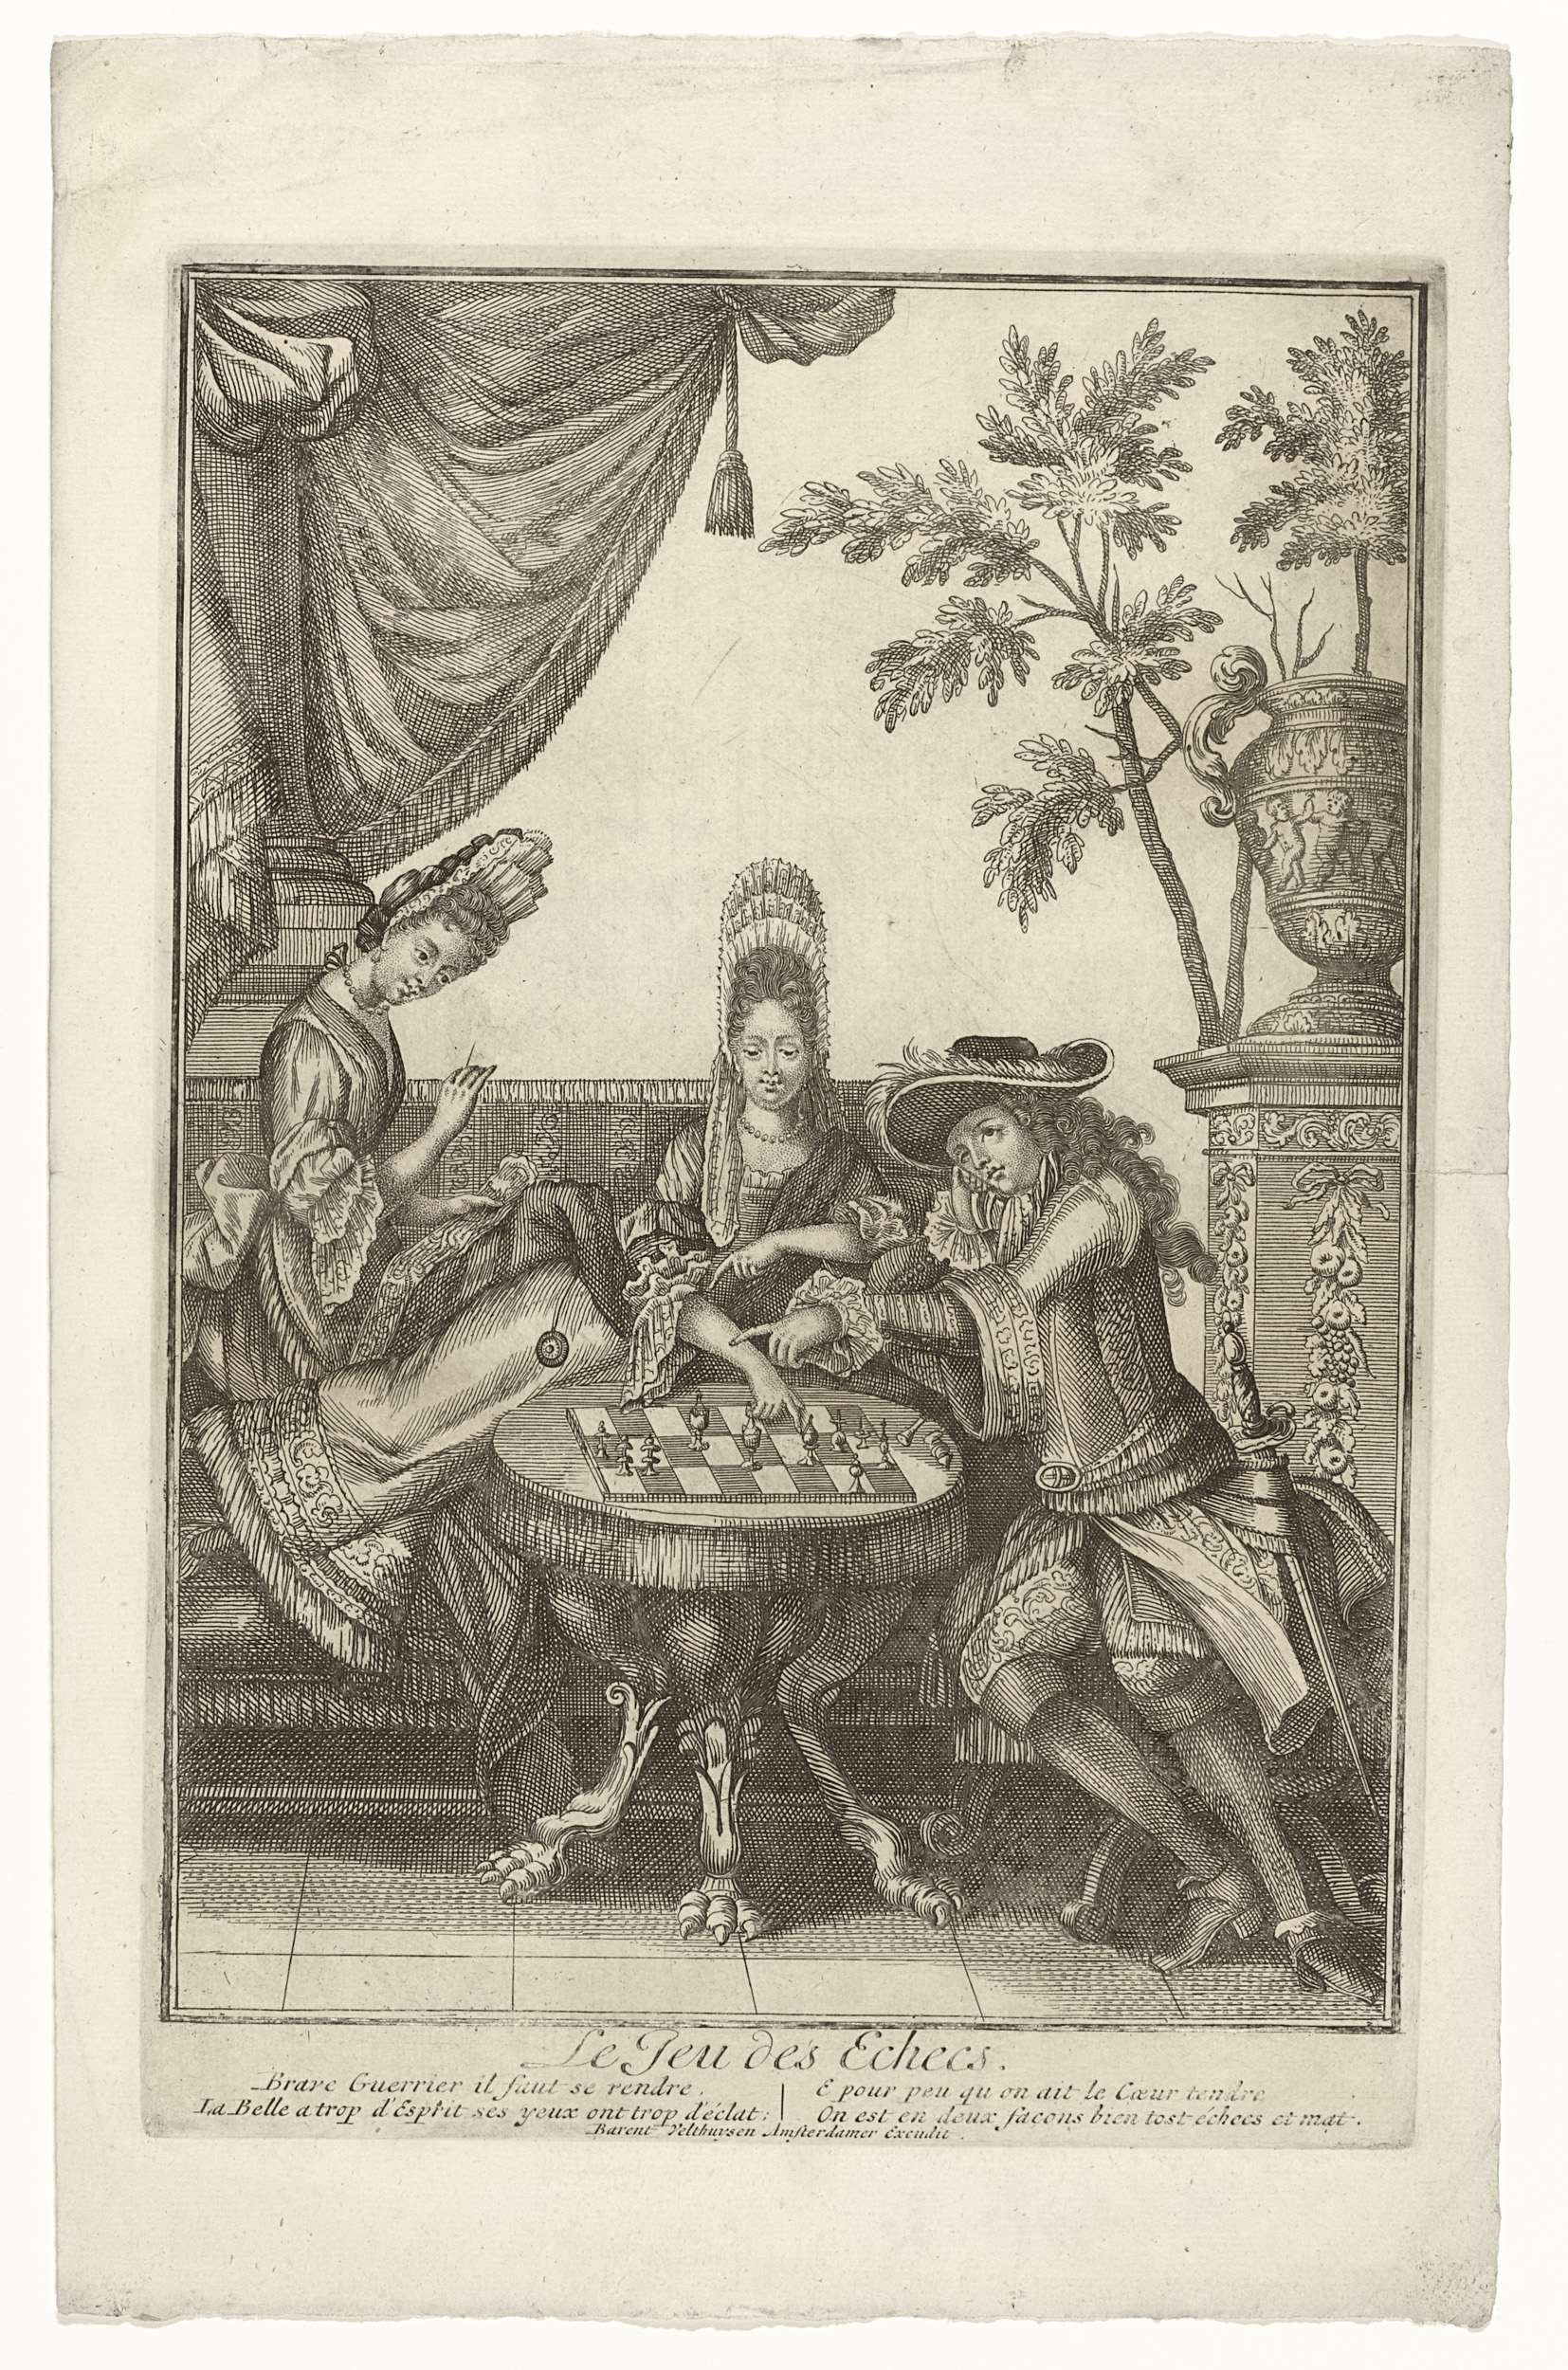 Barent Velthuysen | Le Jeu d'Echecs, Barent Velthuysen, Anonymous, c. 1680 | Een gezelschap op een bordes, gekleed volgens de mode van 1680. Een man en vrouw zitten te schaken. Een bordurende vrouw kijkt toe. Beide vrouwen hebben een fontangekapsel.